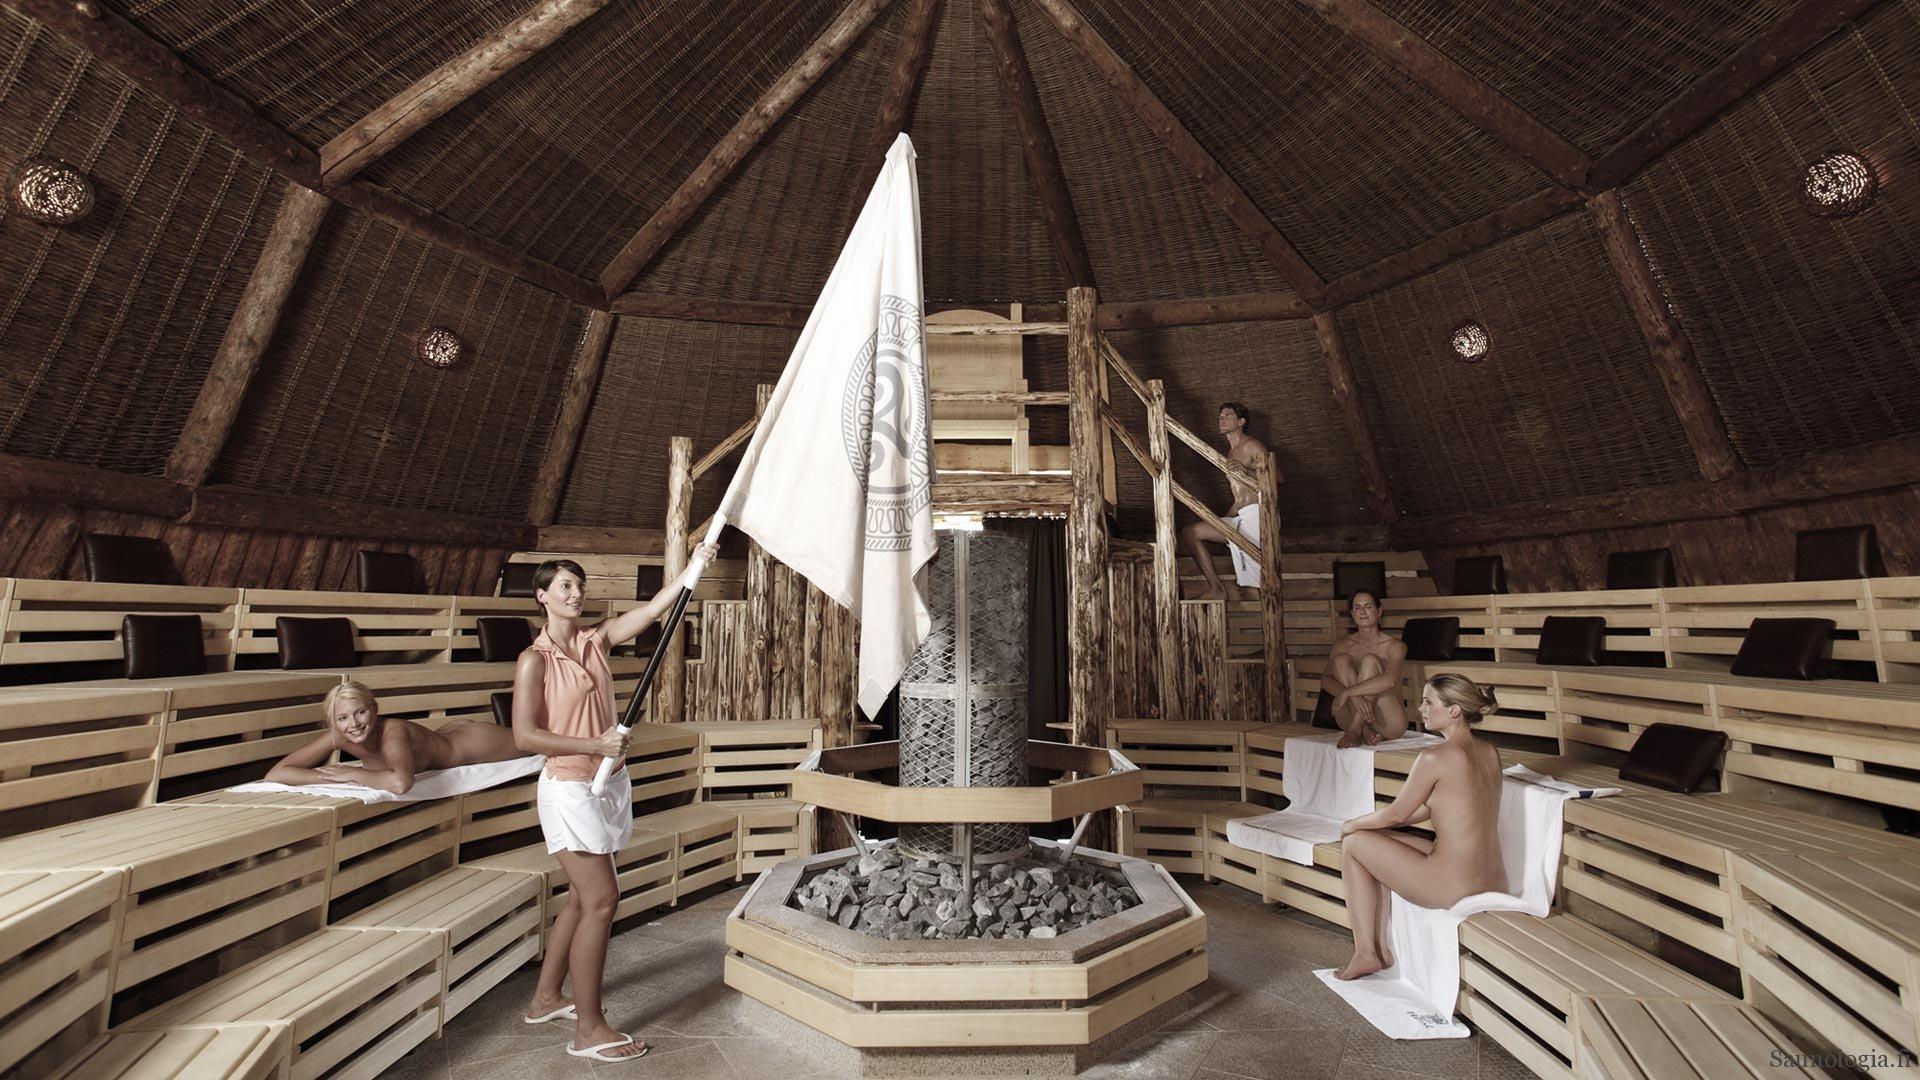 Saksassakin saunotaan tosissaan! Saksalaisten saunatavat ja -kulttuuri